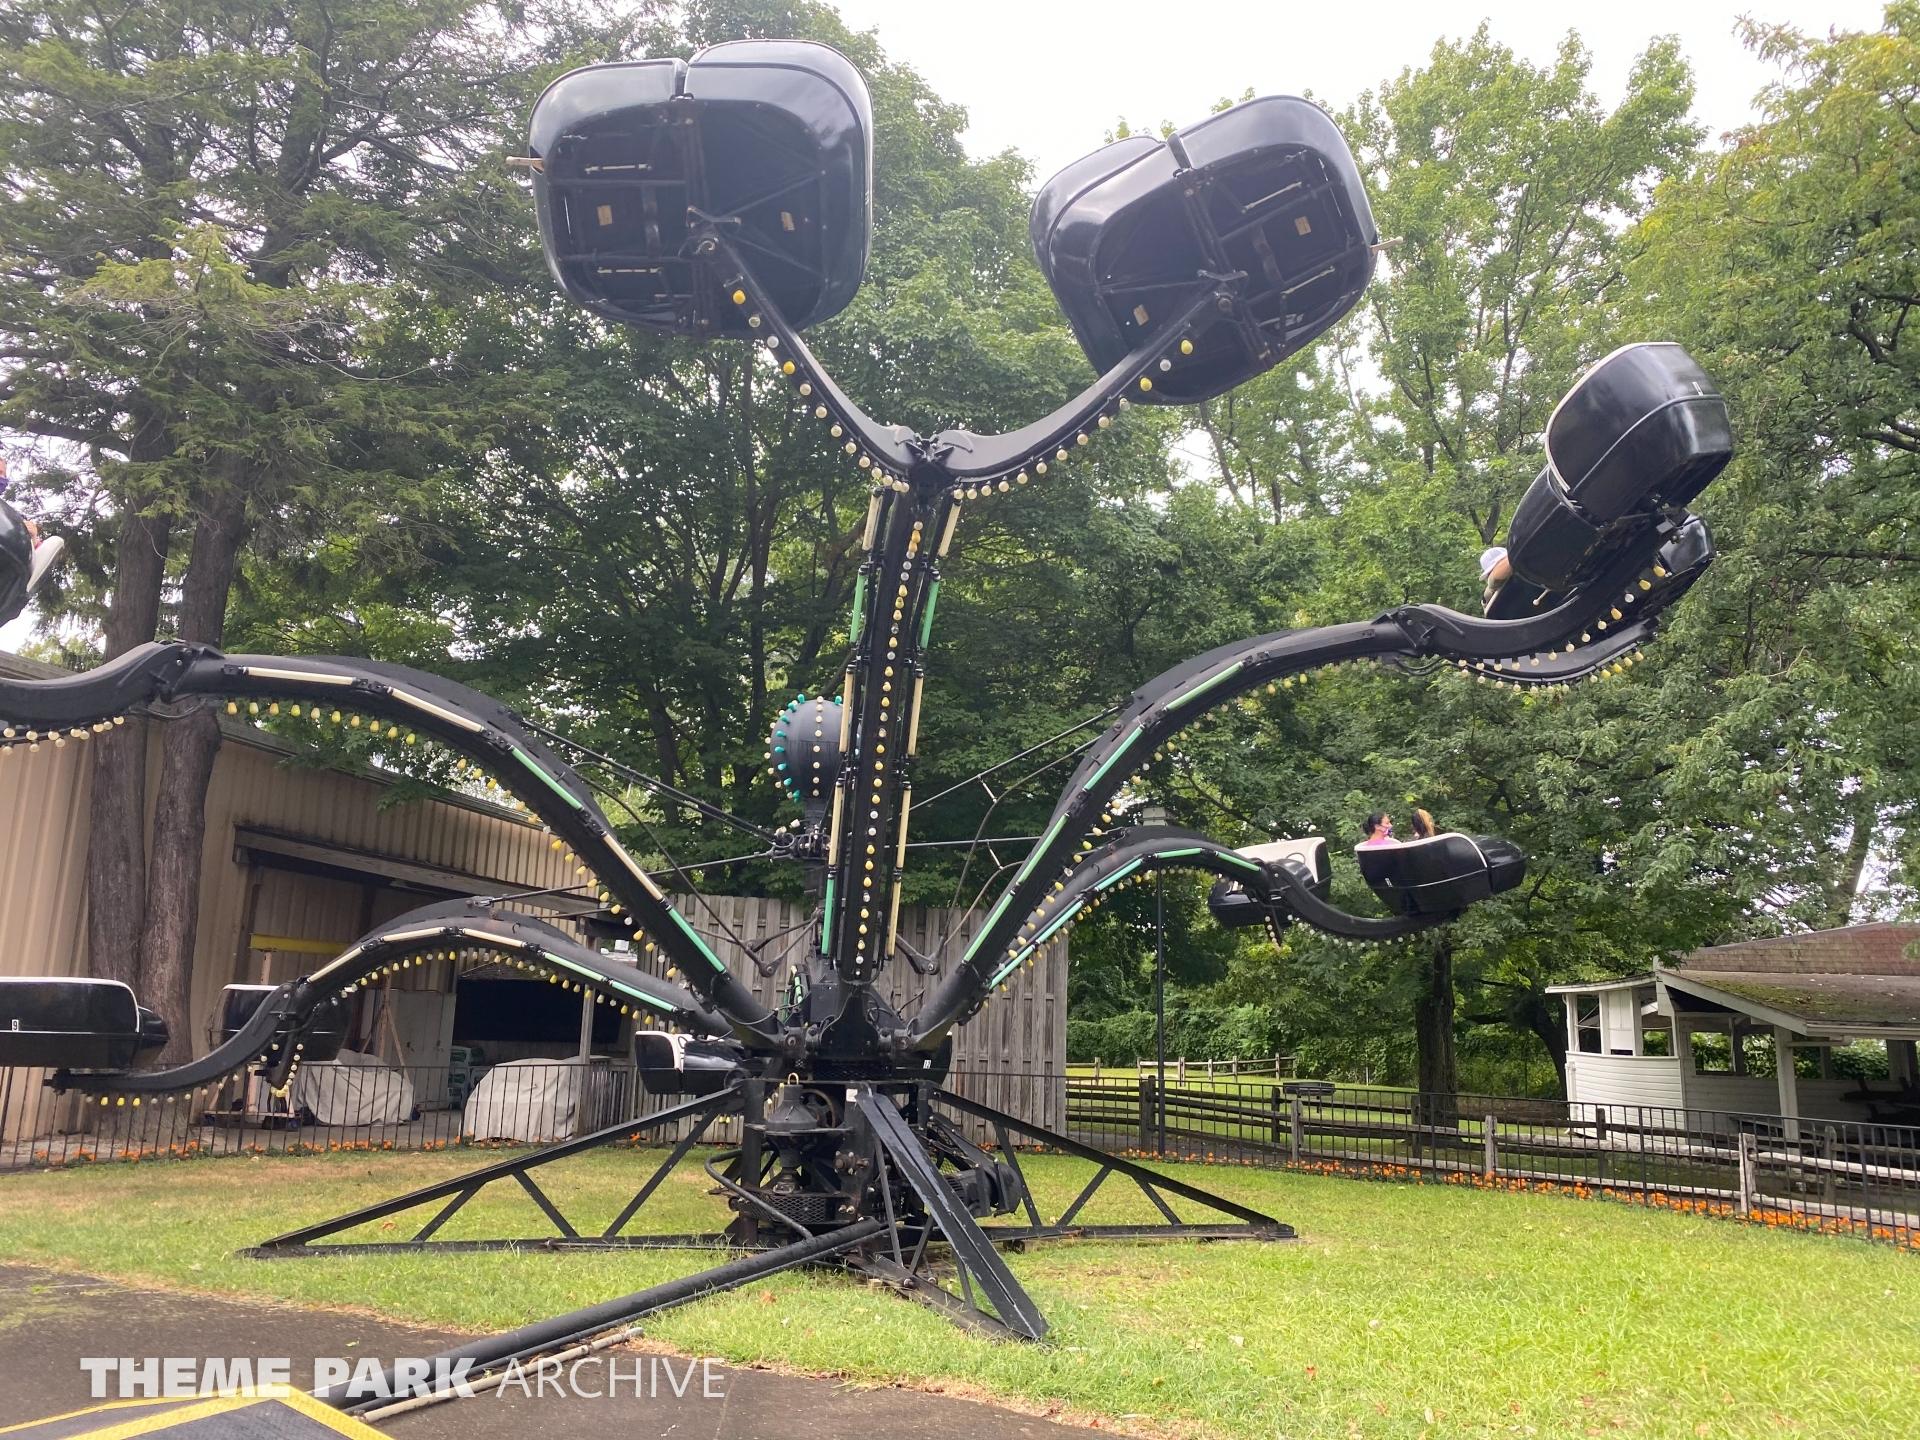 Spider at Waldameer Park